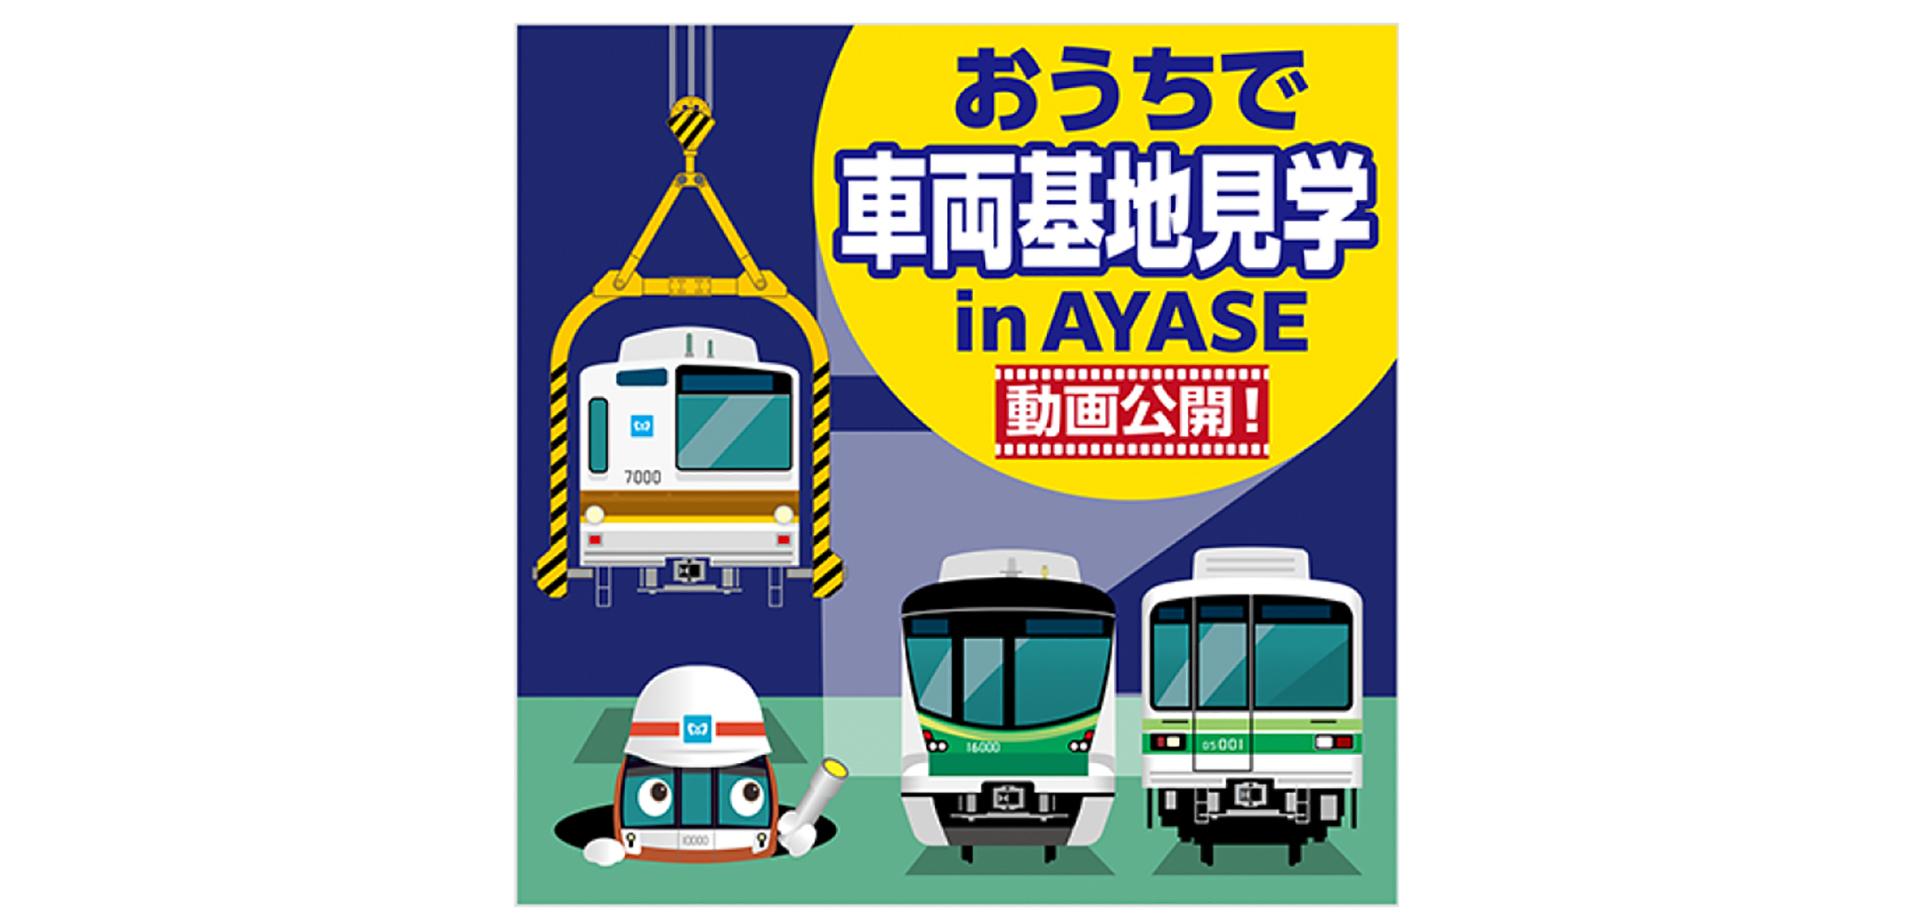 おうちで車両基地見学in AYASE